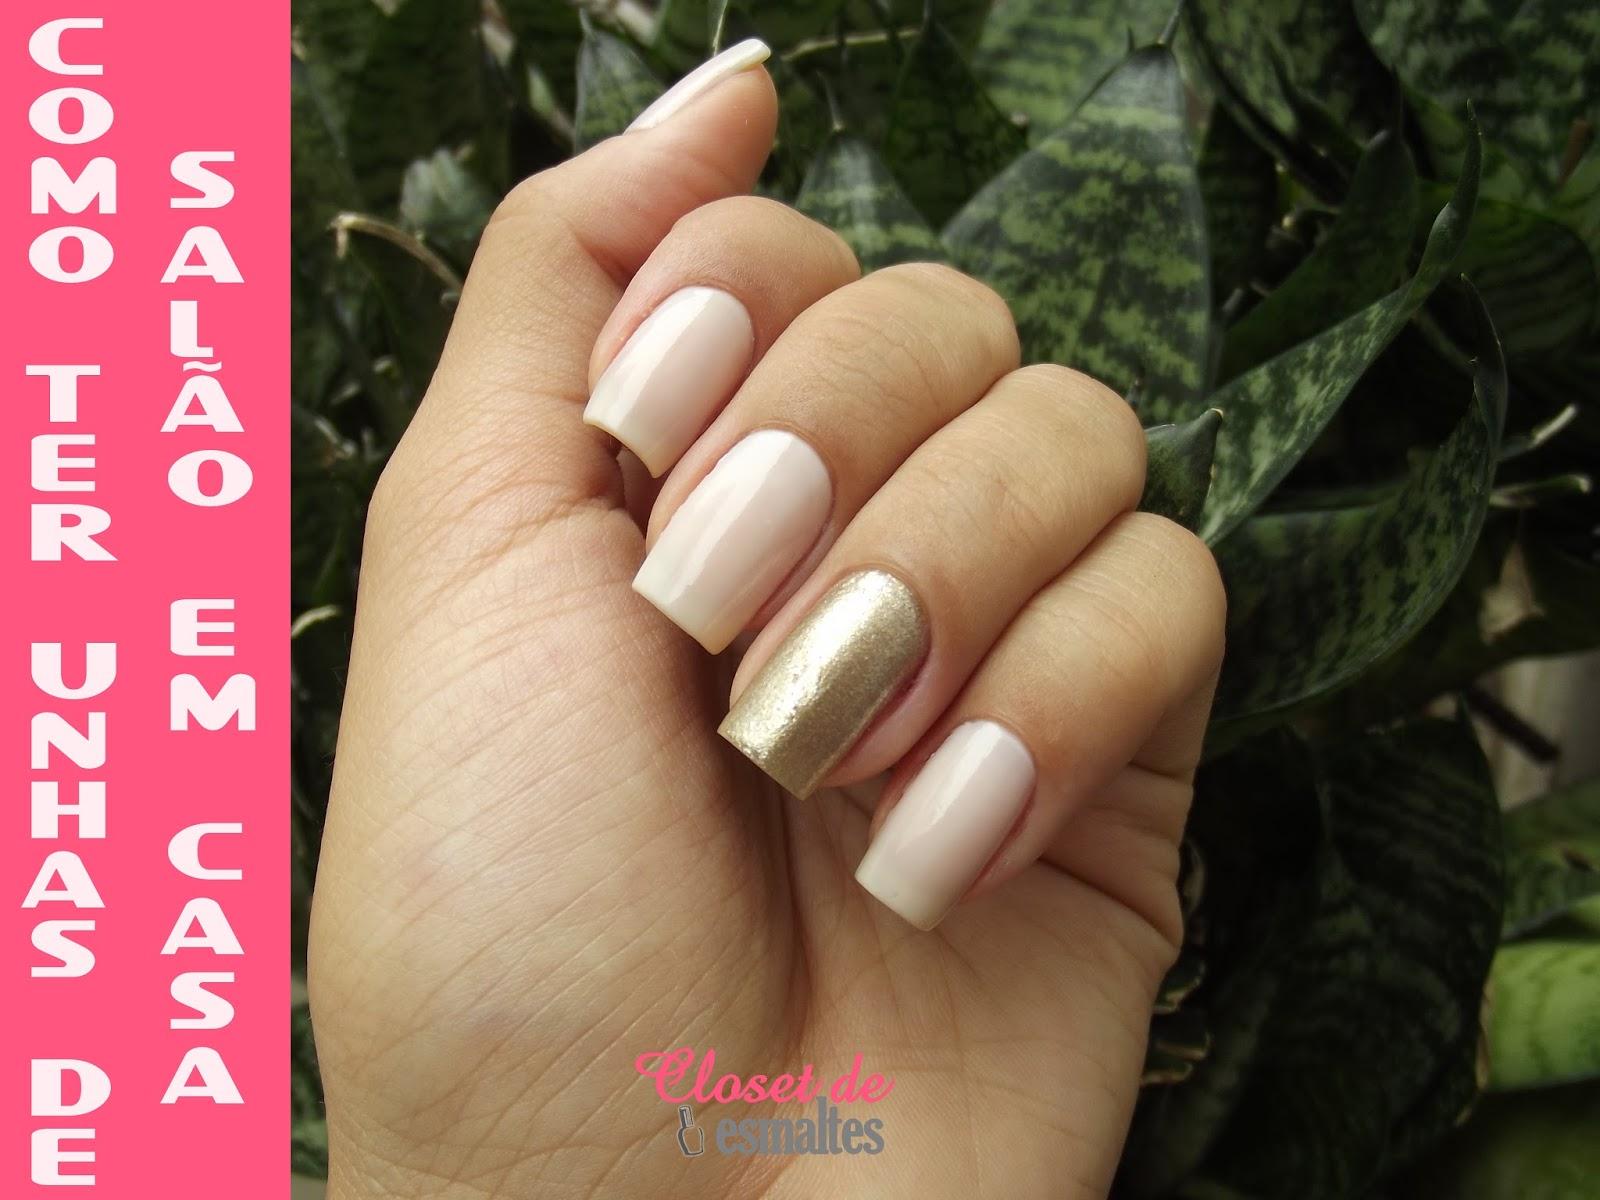 Como ter unhas de salão em casa, como fazer as unhas em casa, fazendo as unhas em casa, dicas para as unhas, unhas bonitas em casa, como cuidar das unhas, como esmaltar,